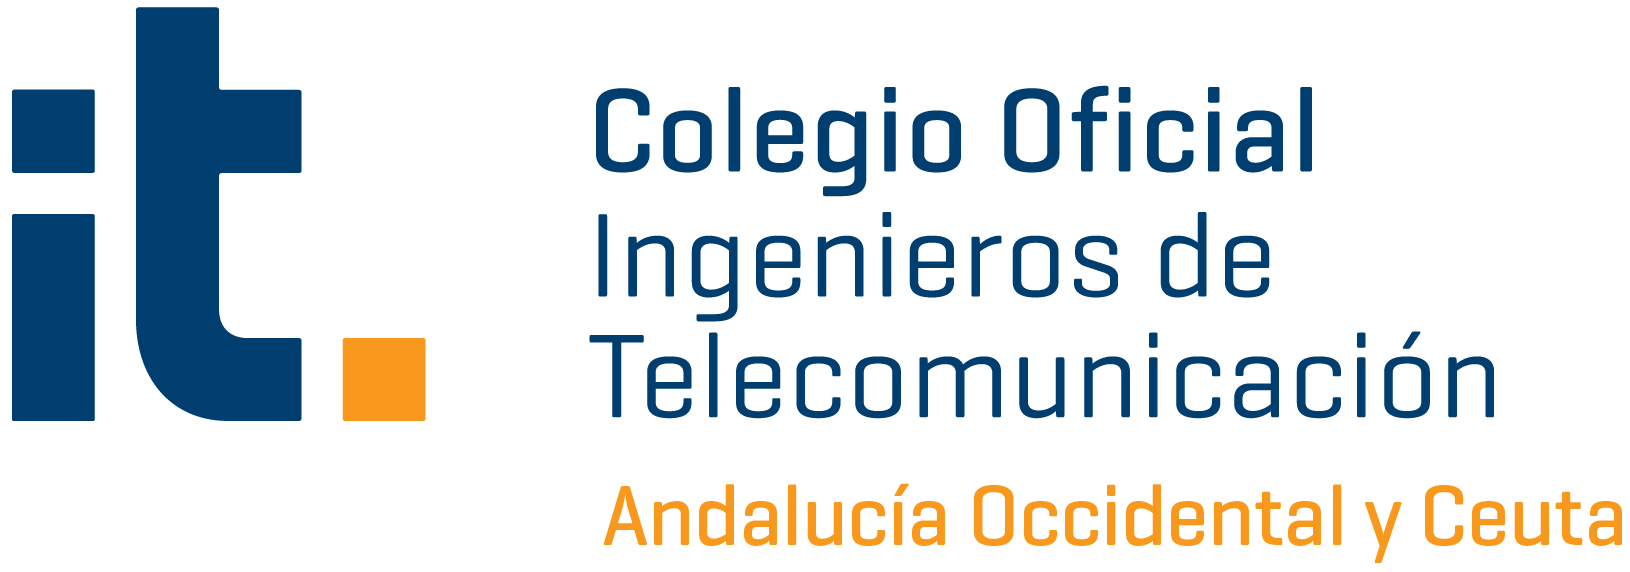 Colegio de Ingenieros